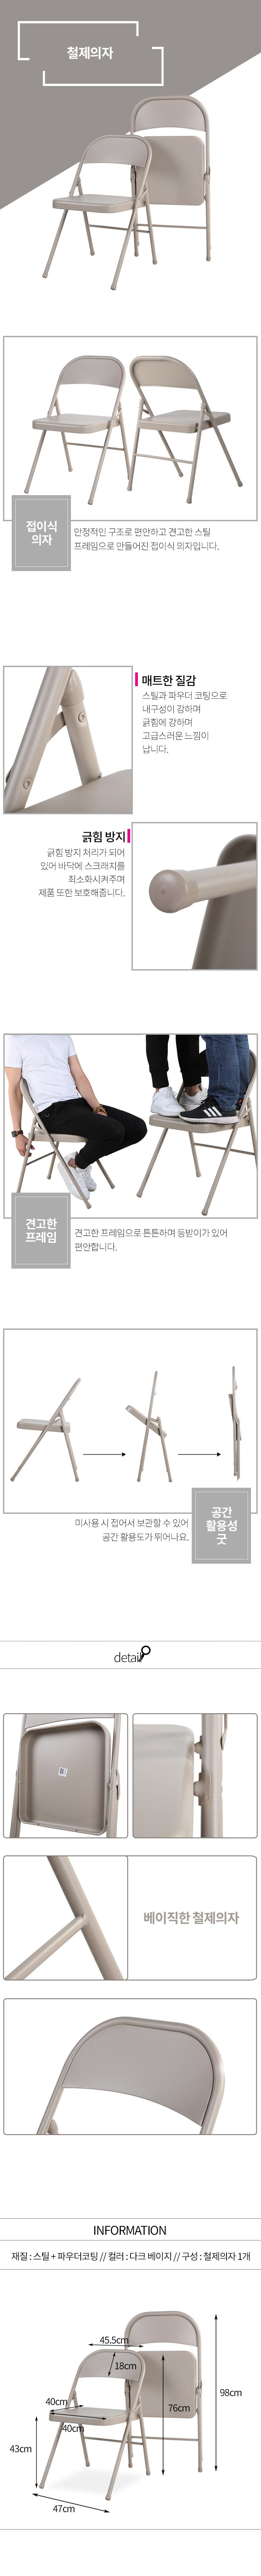 철제의자 접이식의자 - 홀트레이드, 24,900원, 디자인 의자, 인테리어의자